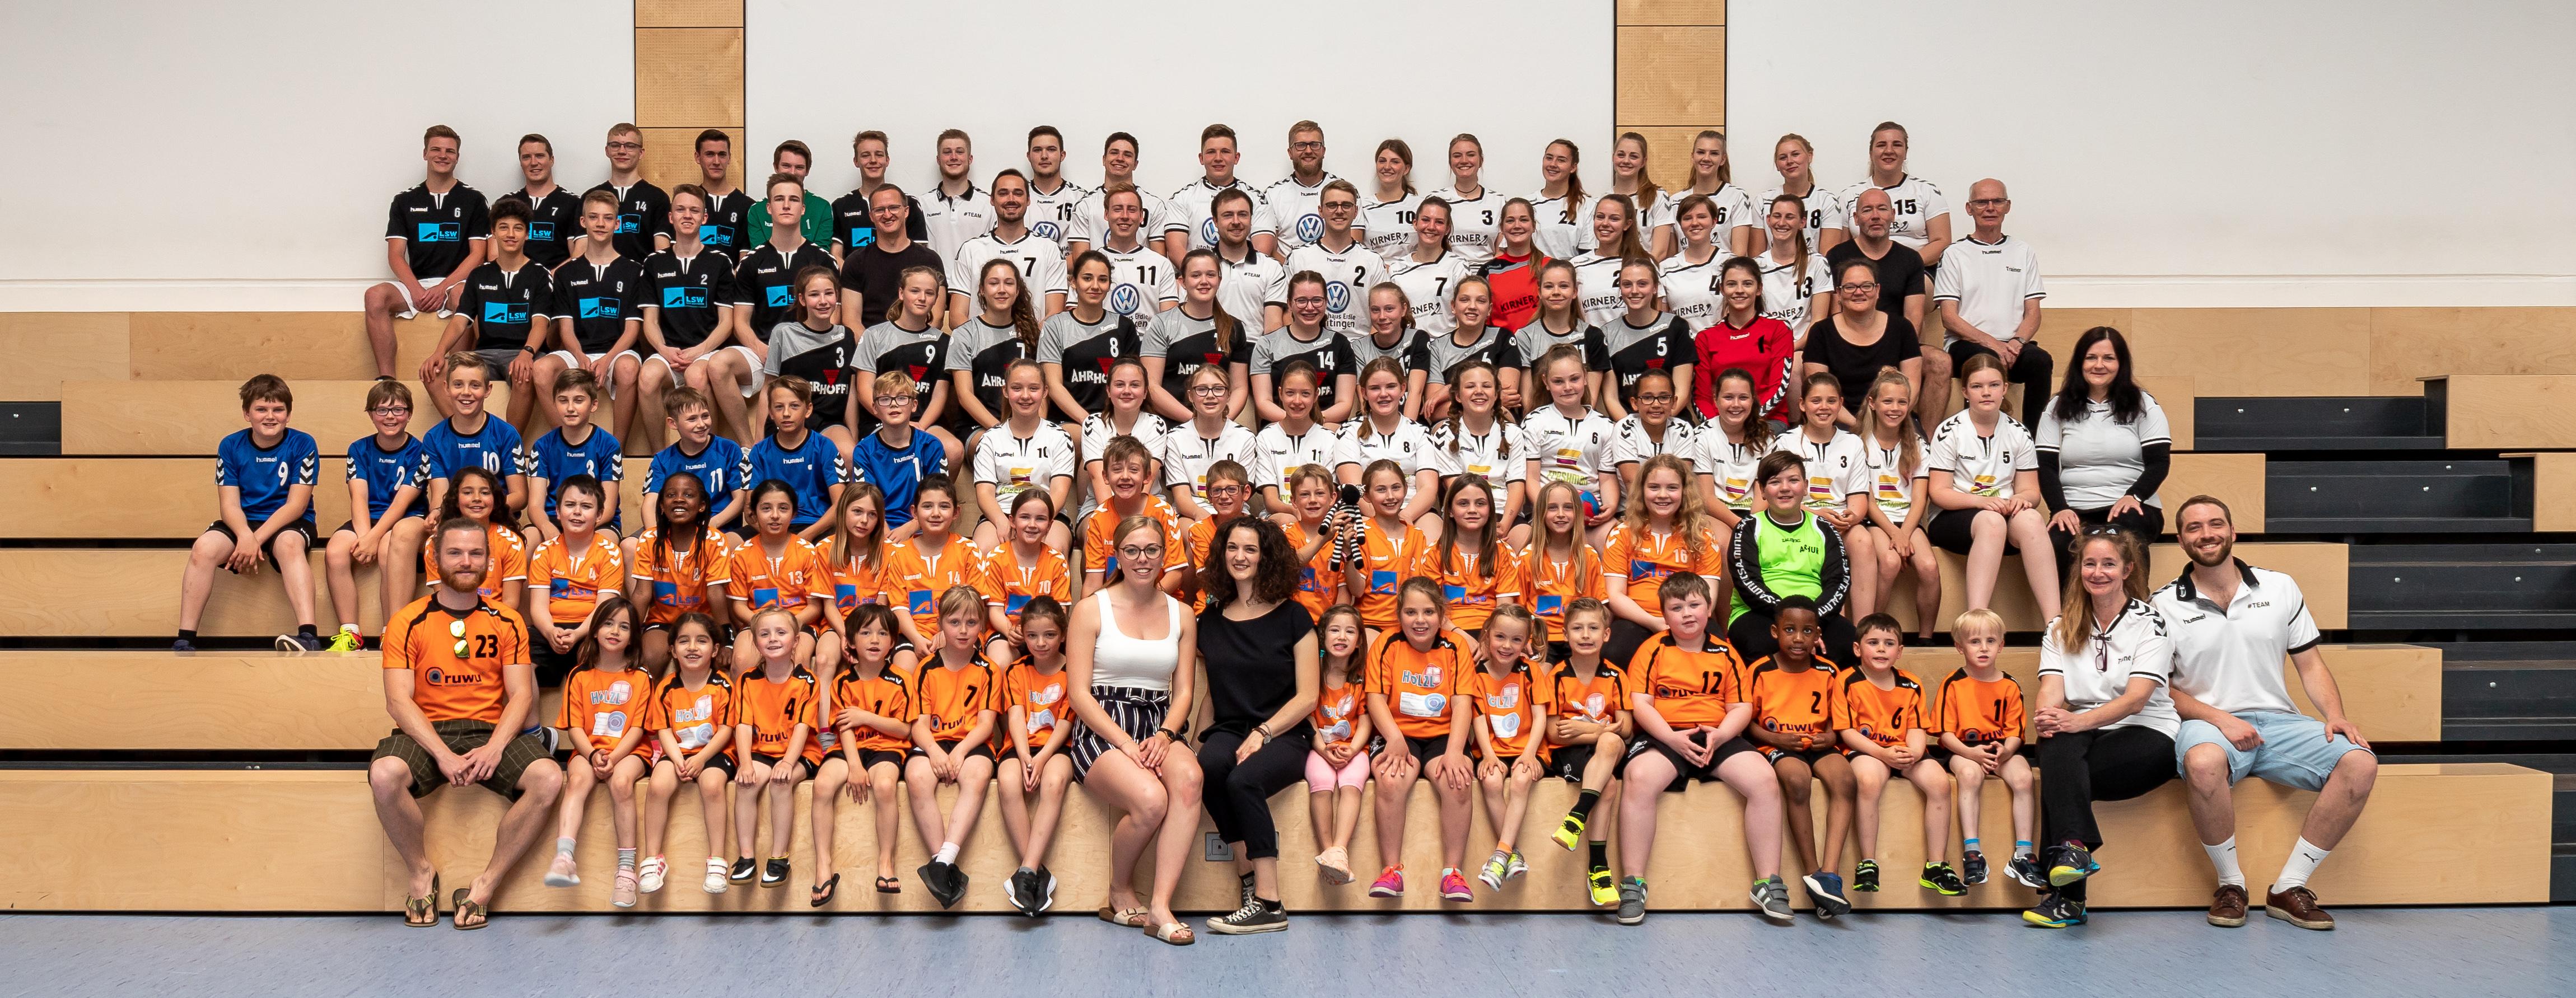 TSV Meitingen Handball